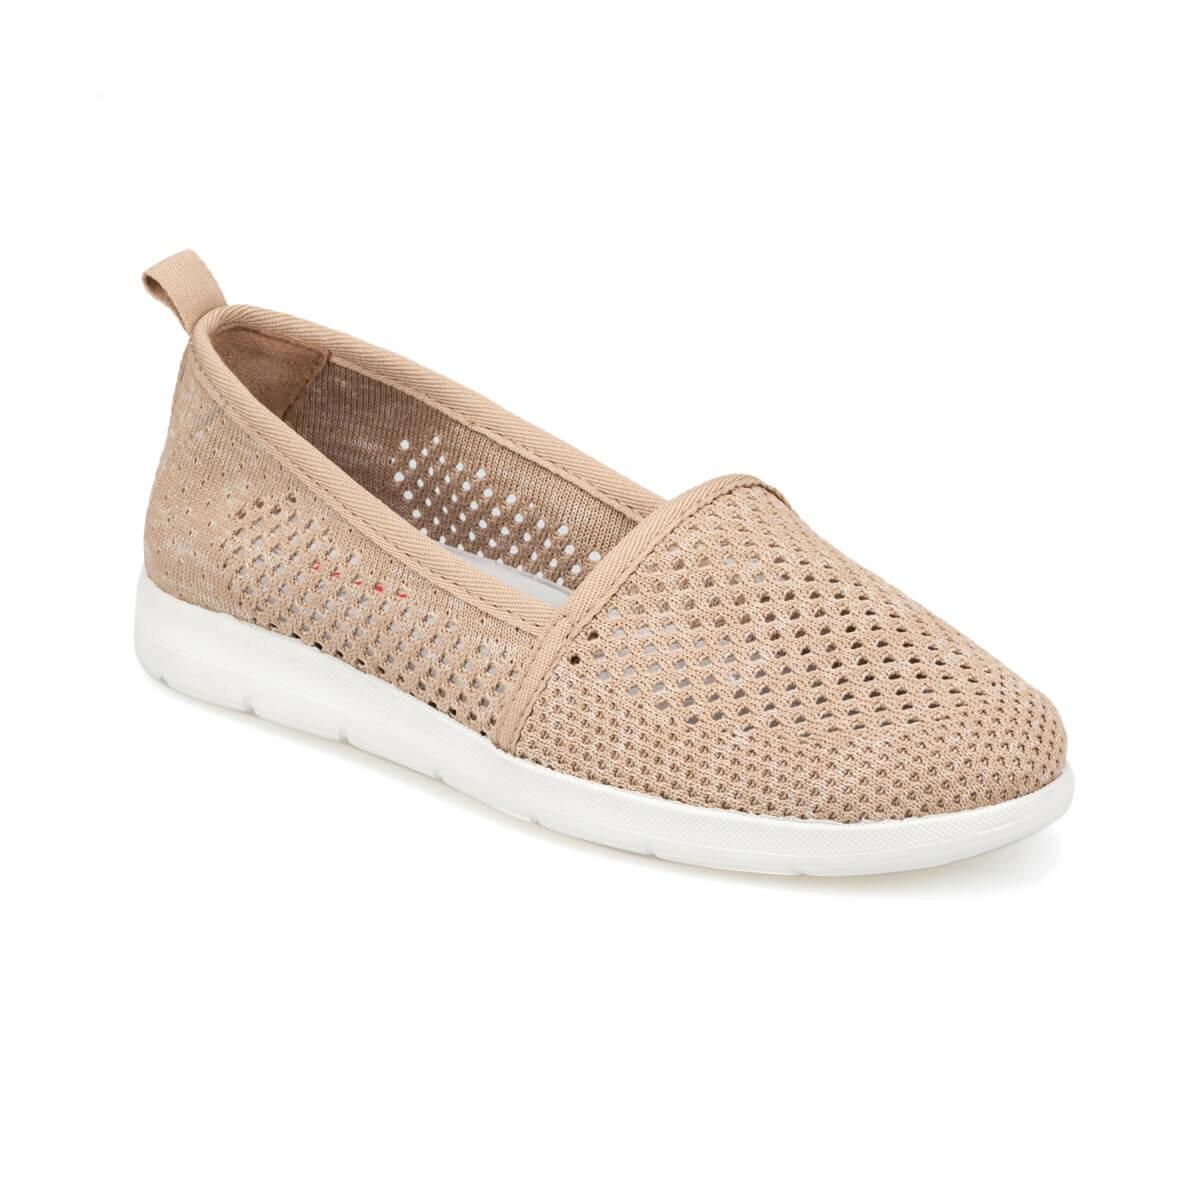 FLO 91.150698.Z Beige Women 'S Shoes Polaris